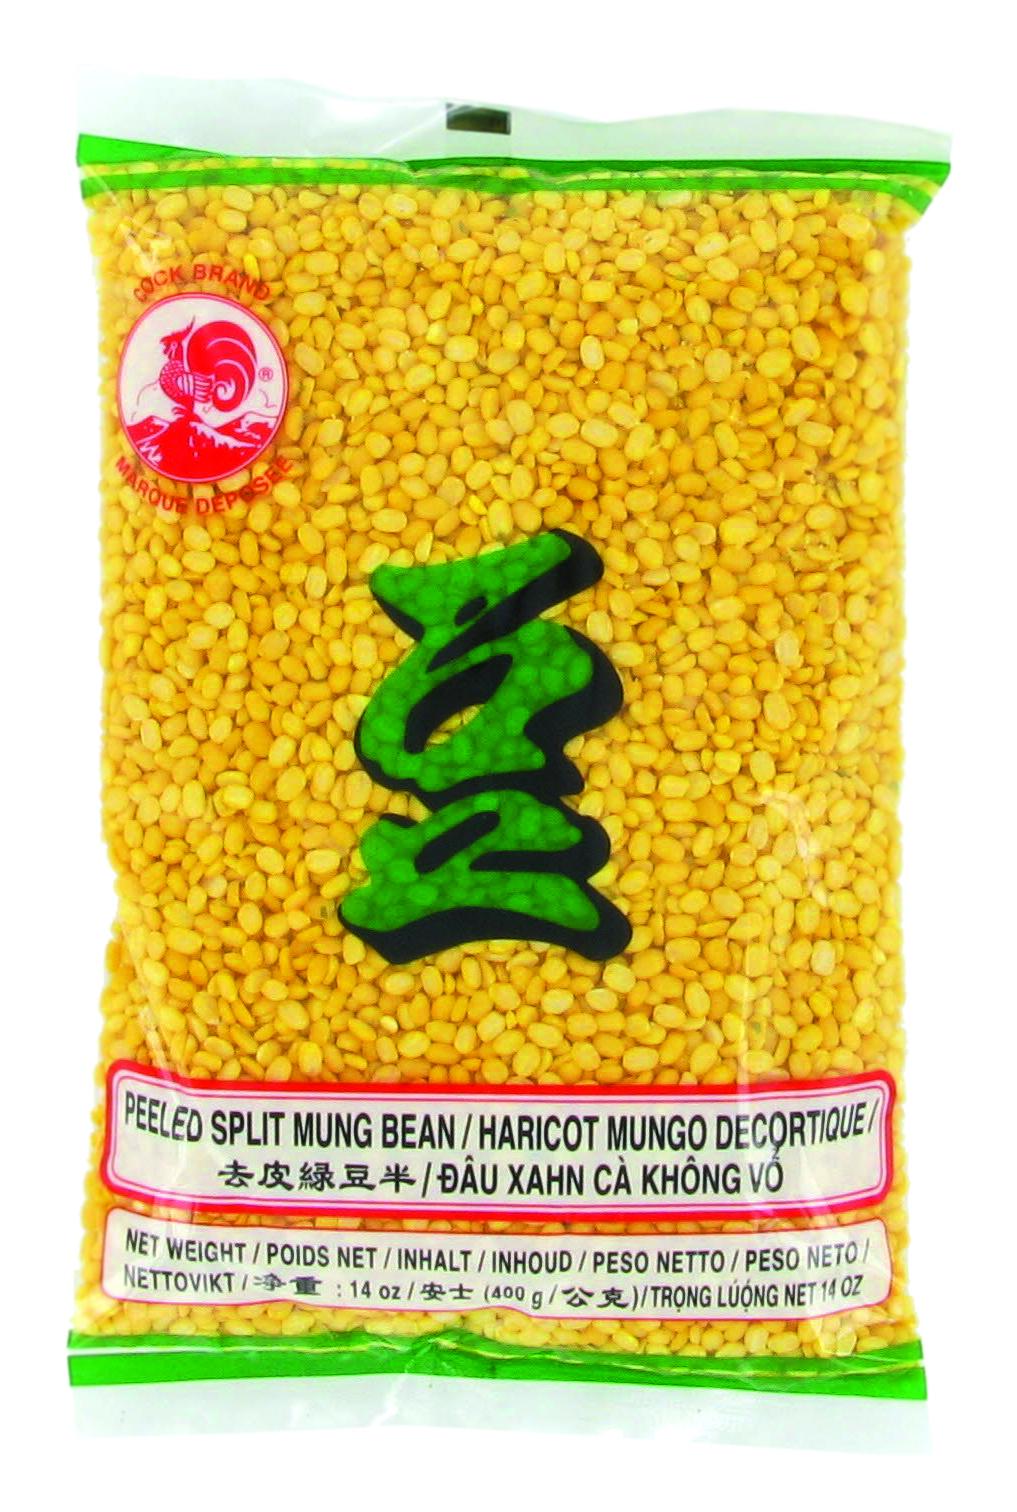 Haricot Mungo décortiqué, Cock (400 g)